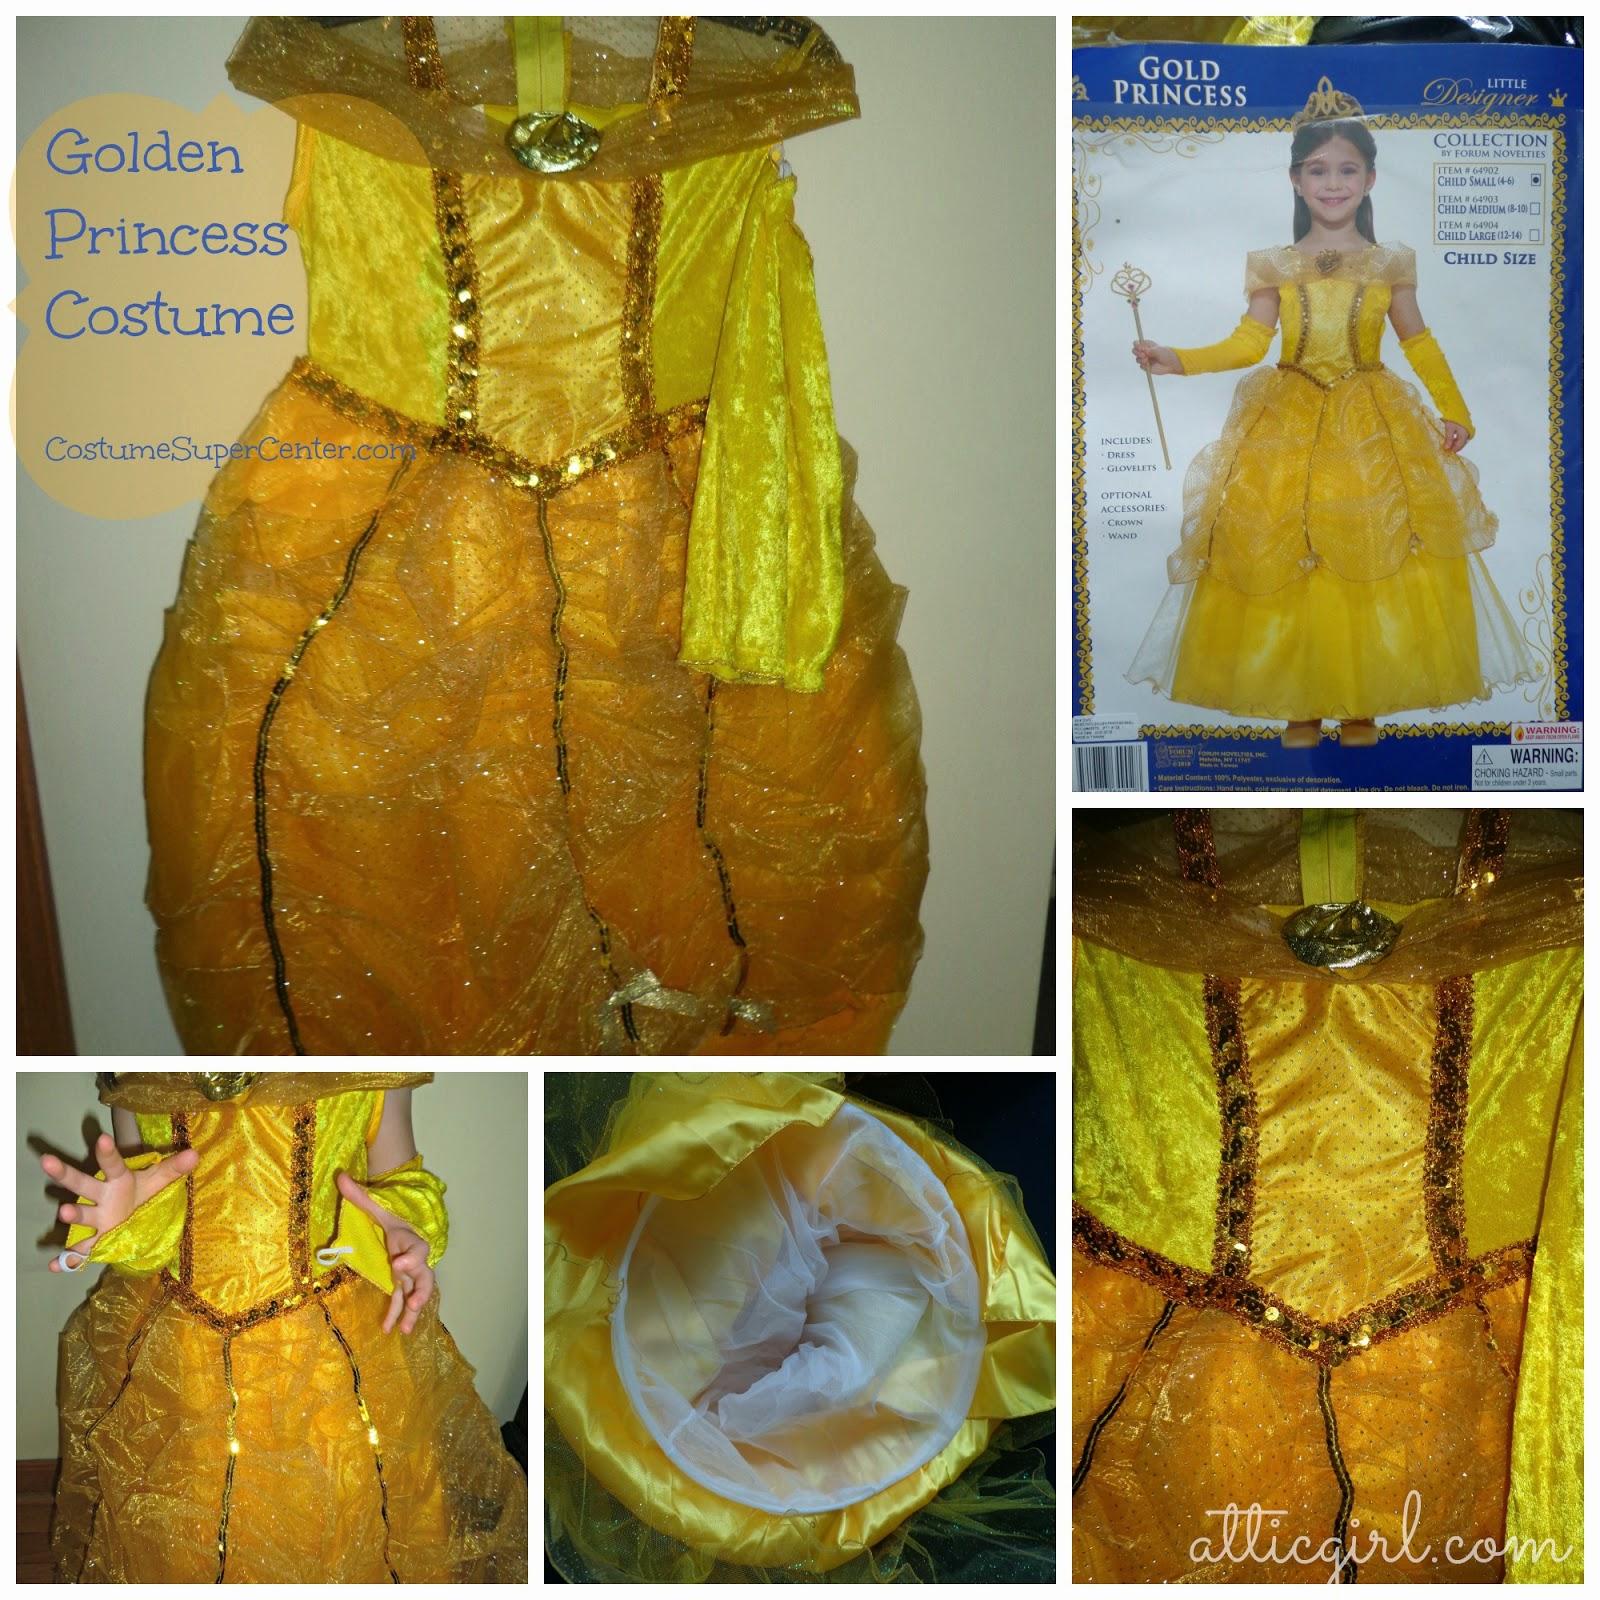 CostumeSuperCenter.com